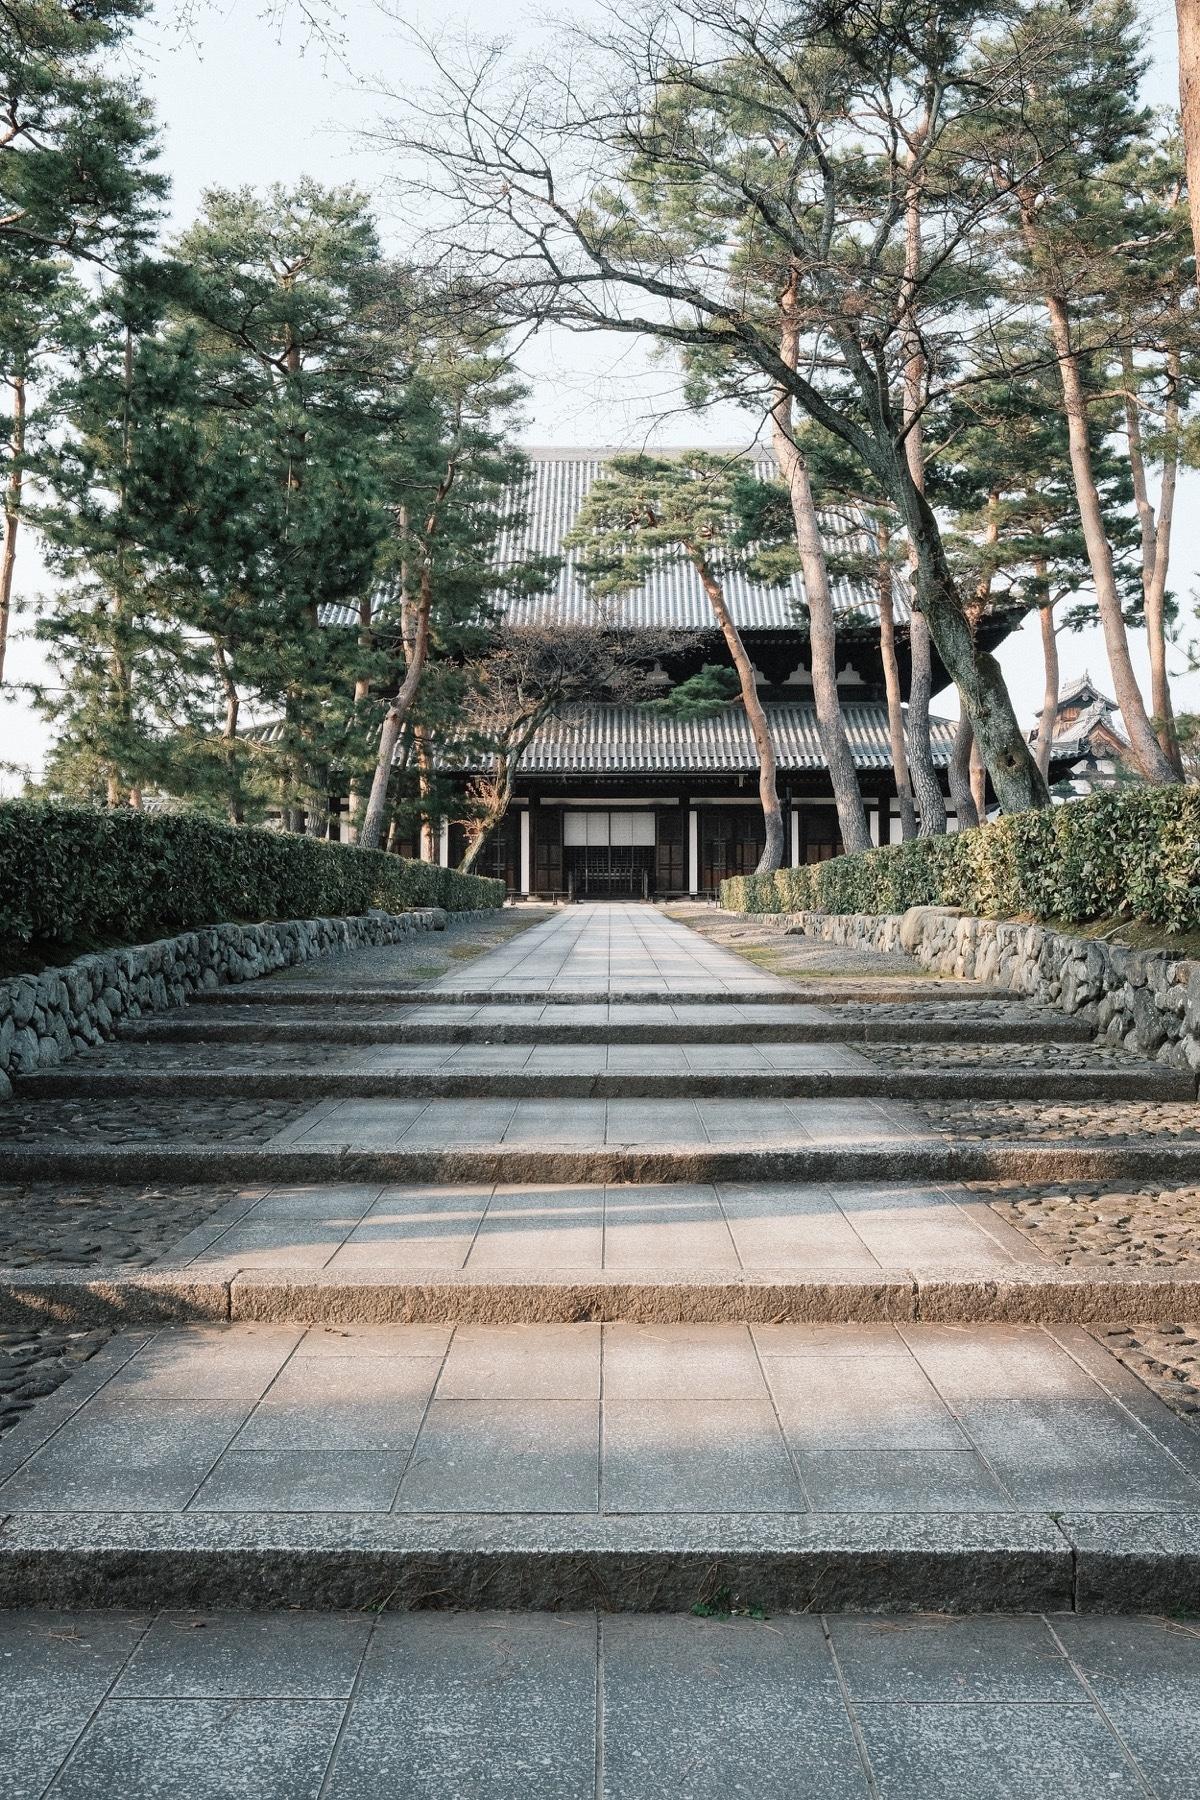 Kinlake-Kyoto-Lifestyle-2018-7138